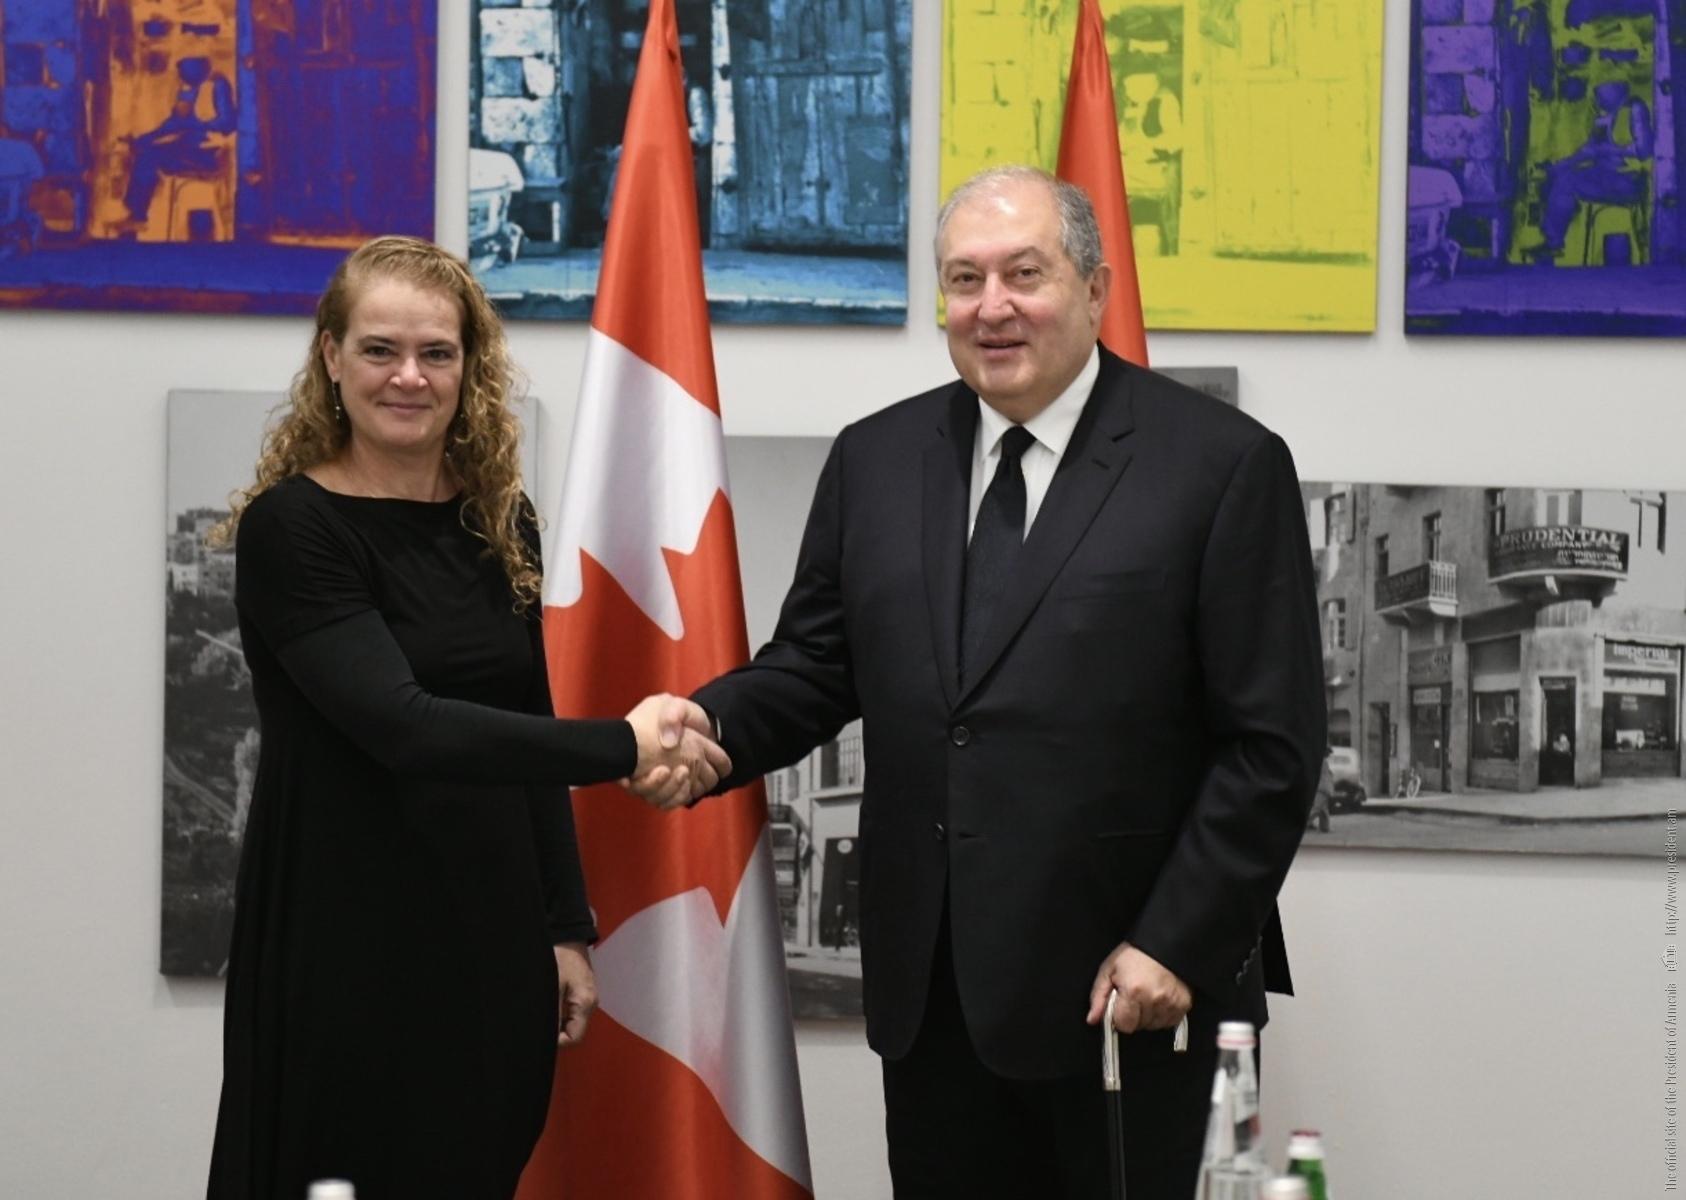 Photo of Երախտագիտություն եմ հայտնում Կանադայի կառավարությանը Թուրքիային ռազմական սարքավորումներ տրամադրելու արտոնագրից զրկելու որոշման համար. նախագահի ուղերձը Կանադայի գեներալ-նահանգապետին